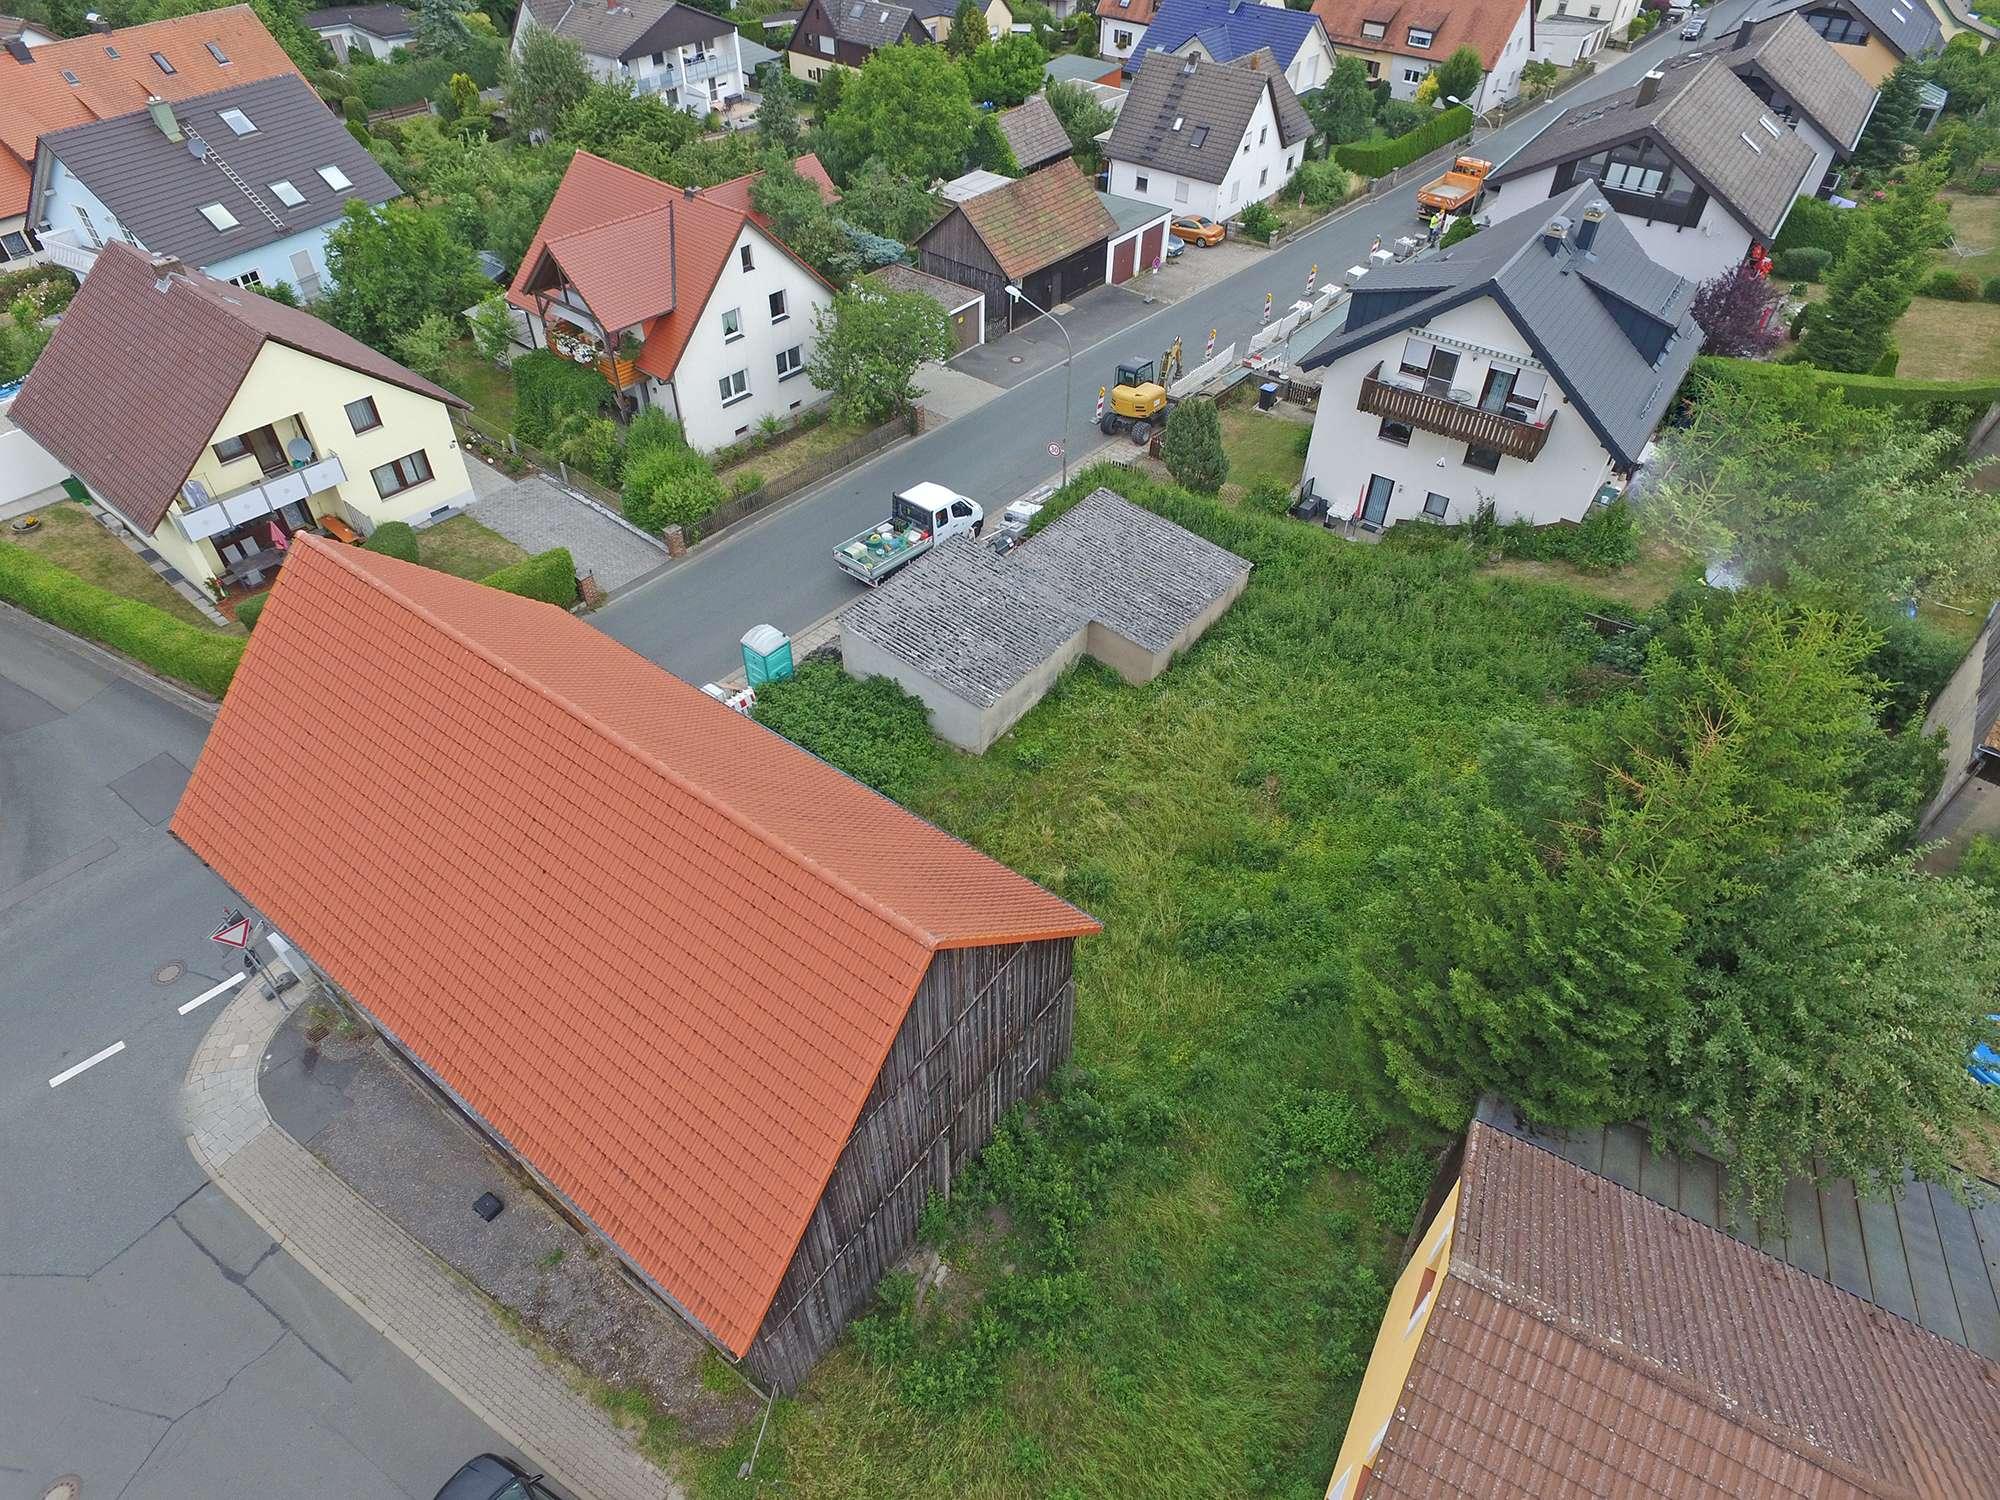 Großzügiges Baugrundstück in Bayreuther Stadtrandlage, ruhiges Wohngebiet Nähe Klinikum!